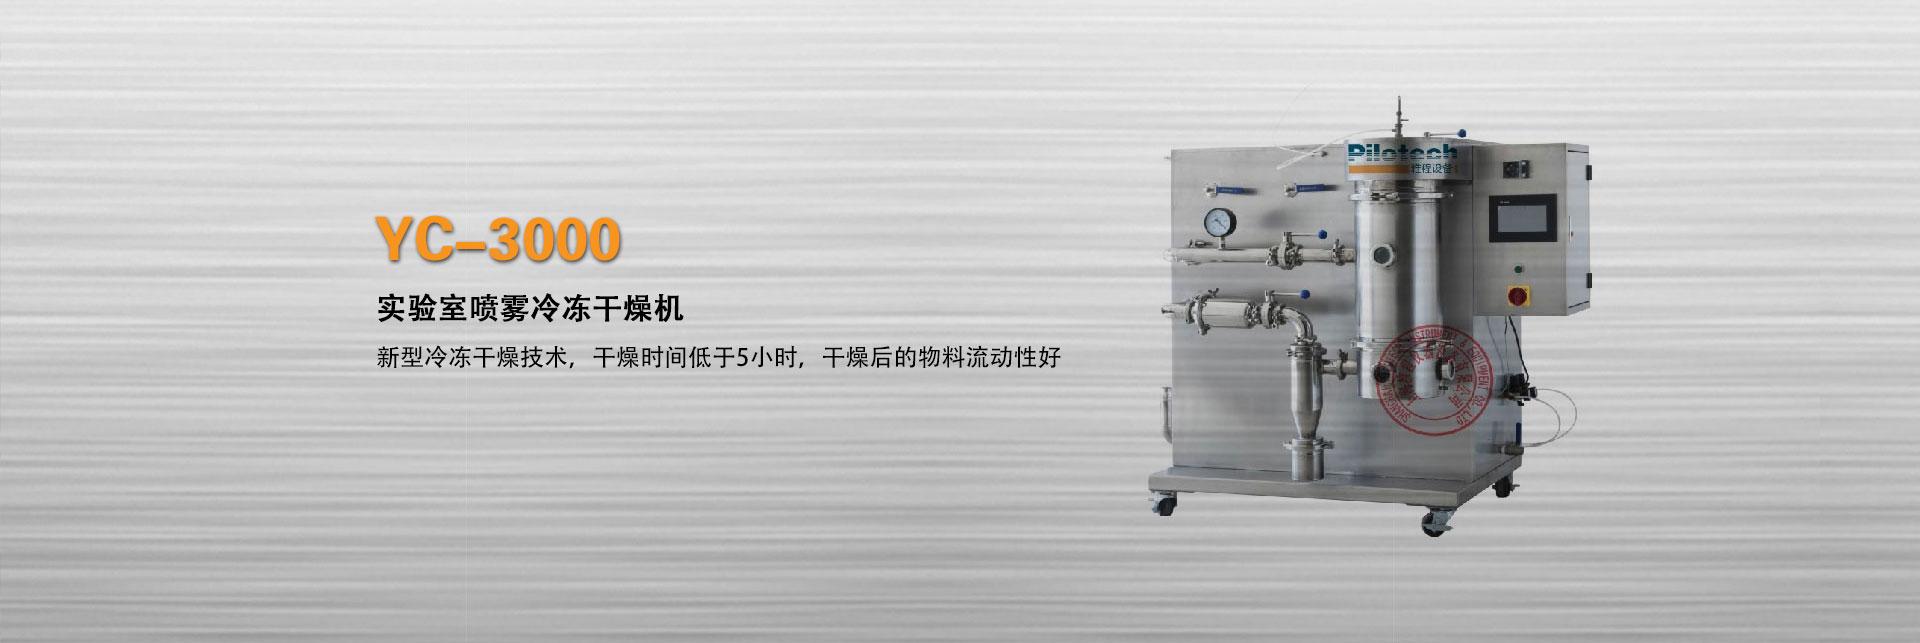 上海雅程YC-3000实验室喷雾冷冻干燥机